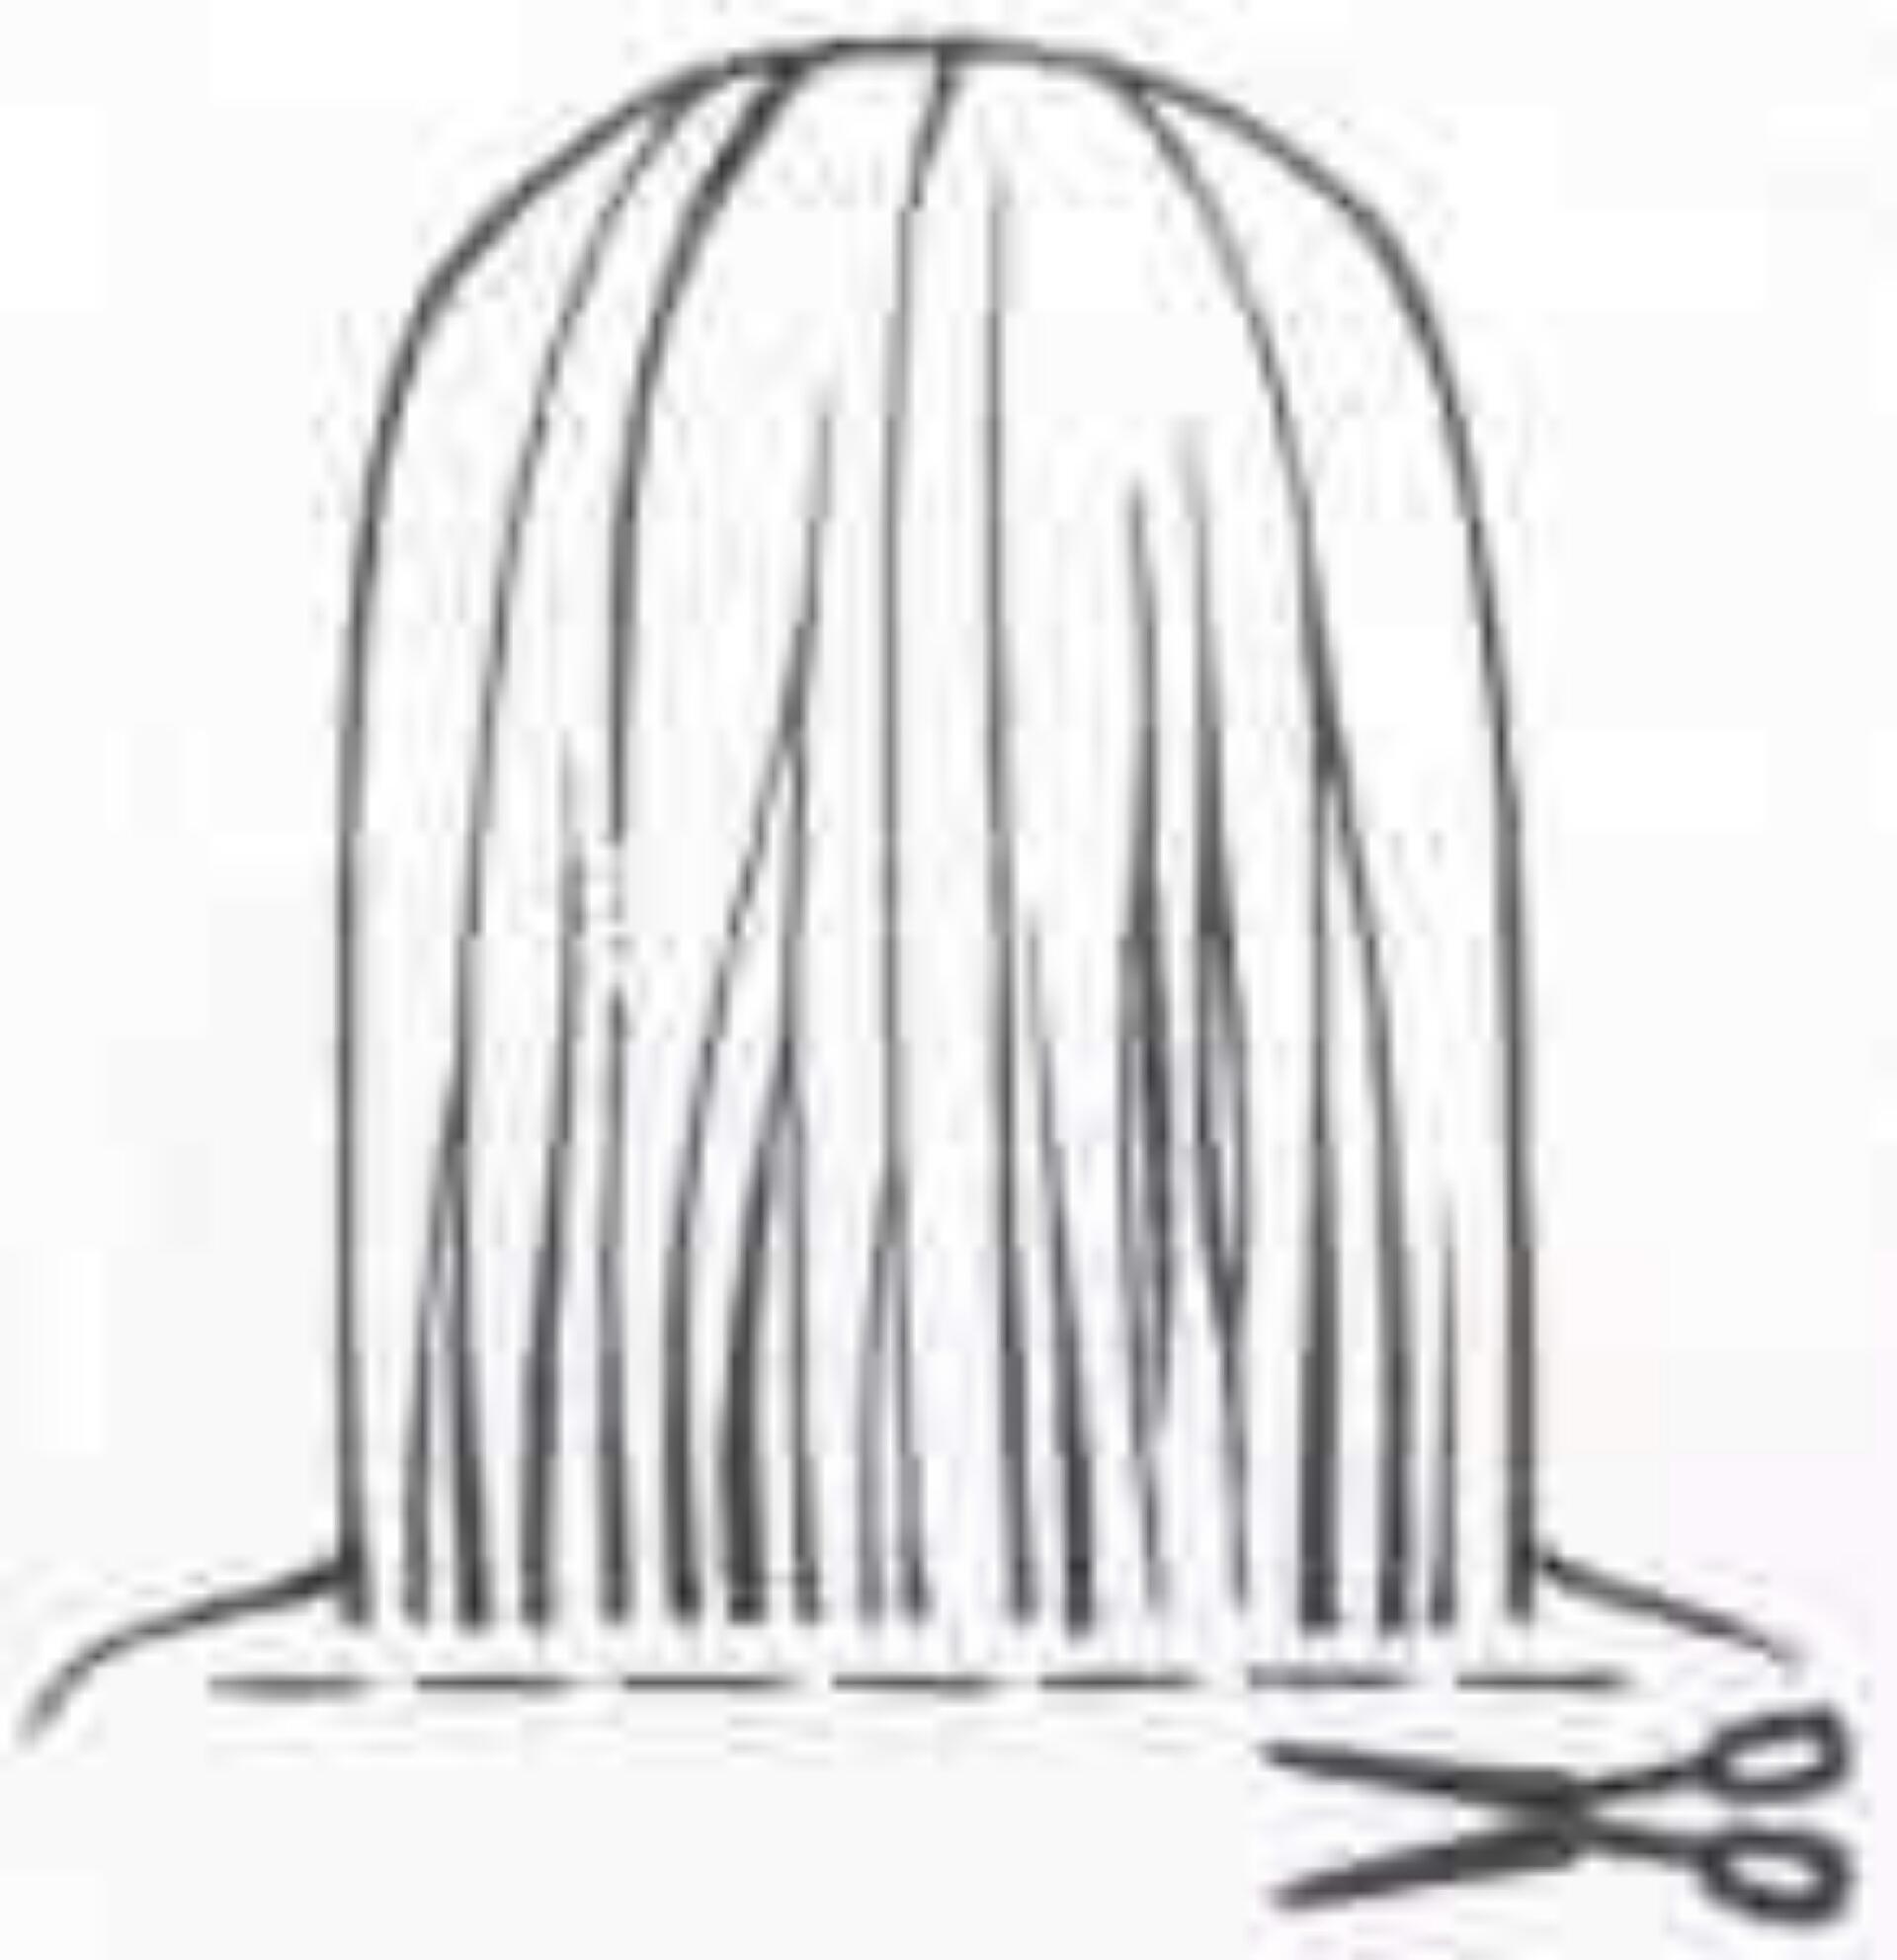 طريقة قص شعر لبنتك الصغير في المنزل